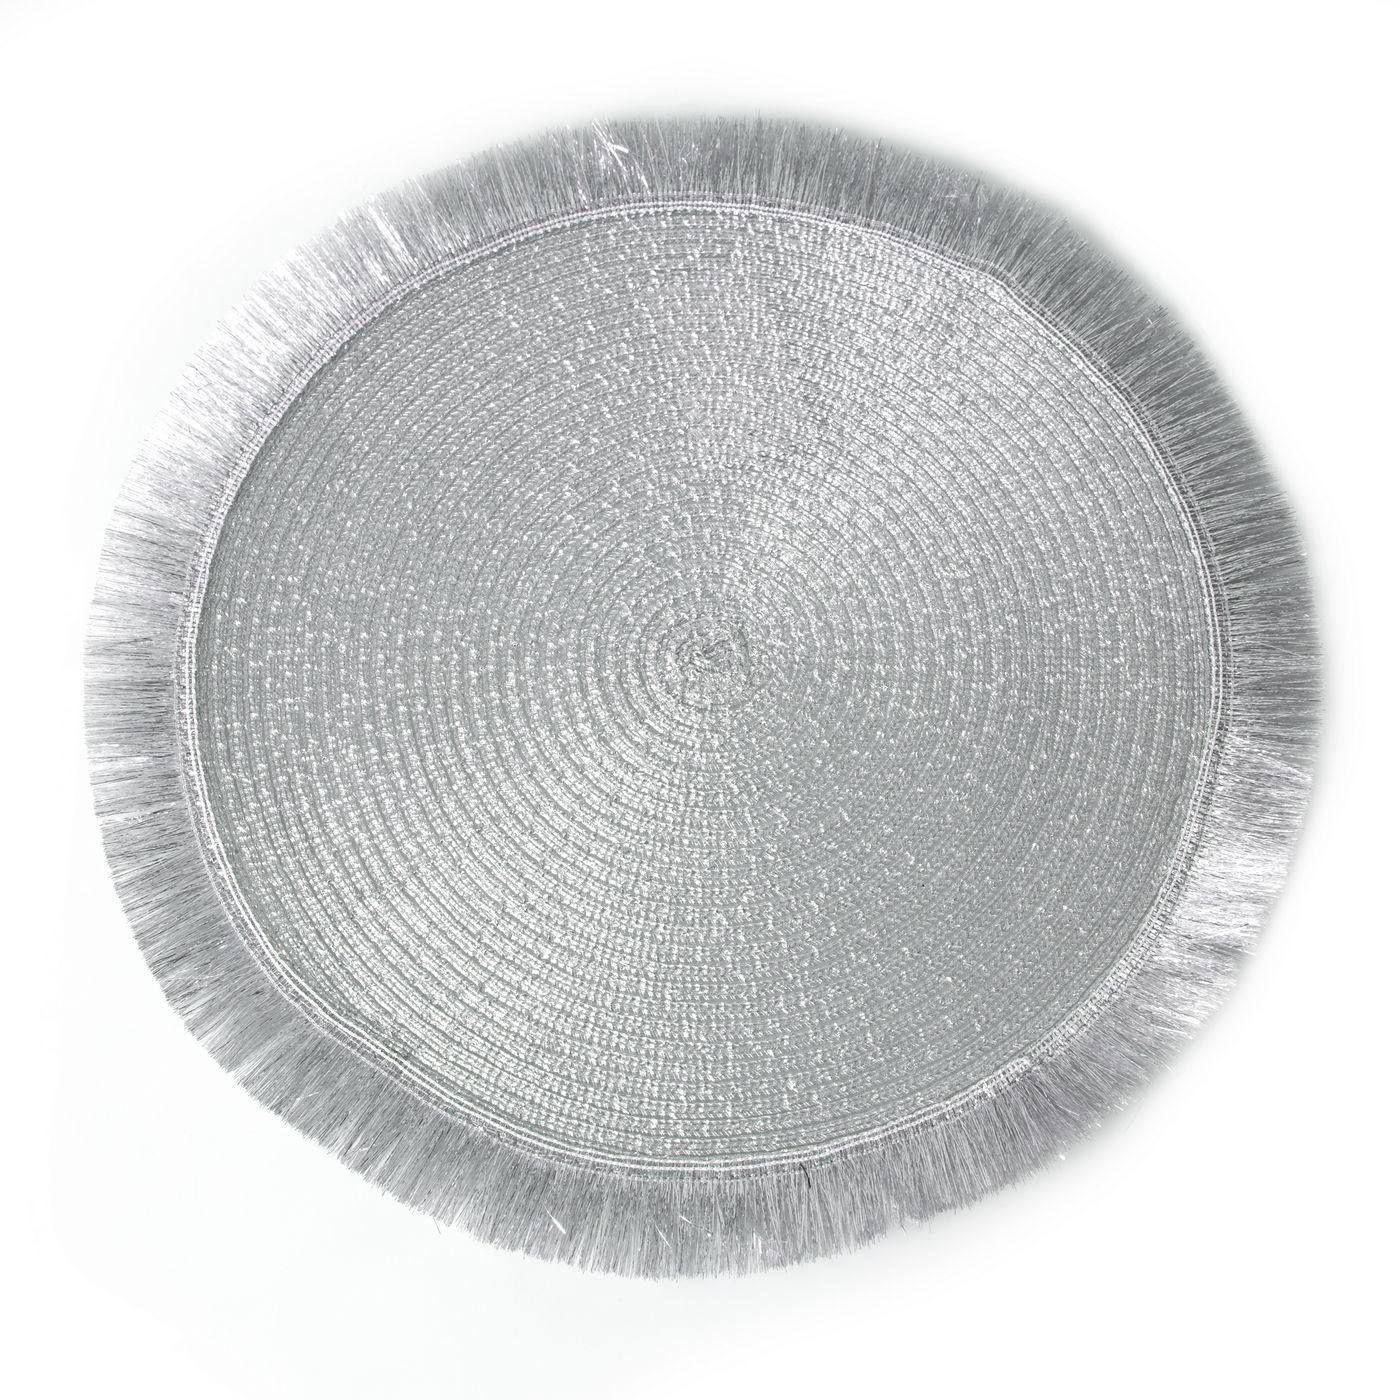 Srebrna podkładka stołowa okrągła średnica 38 cm